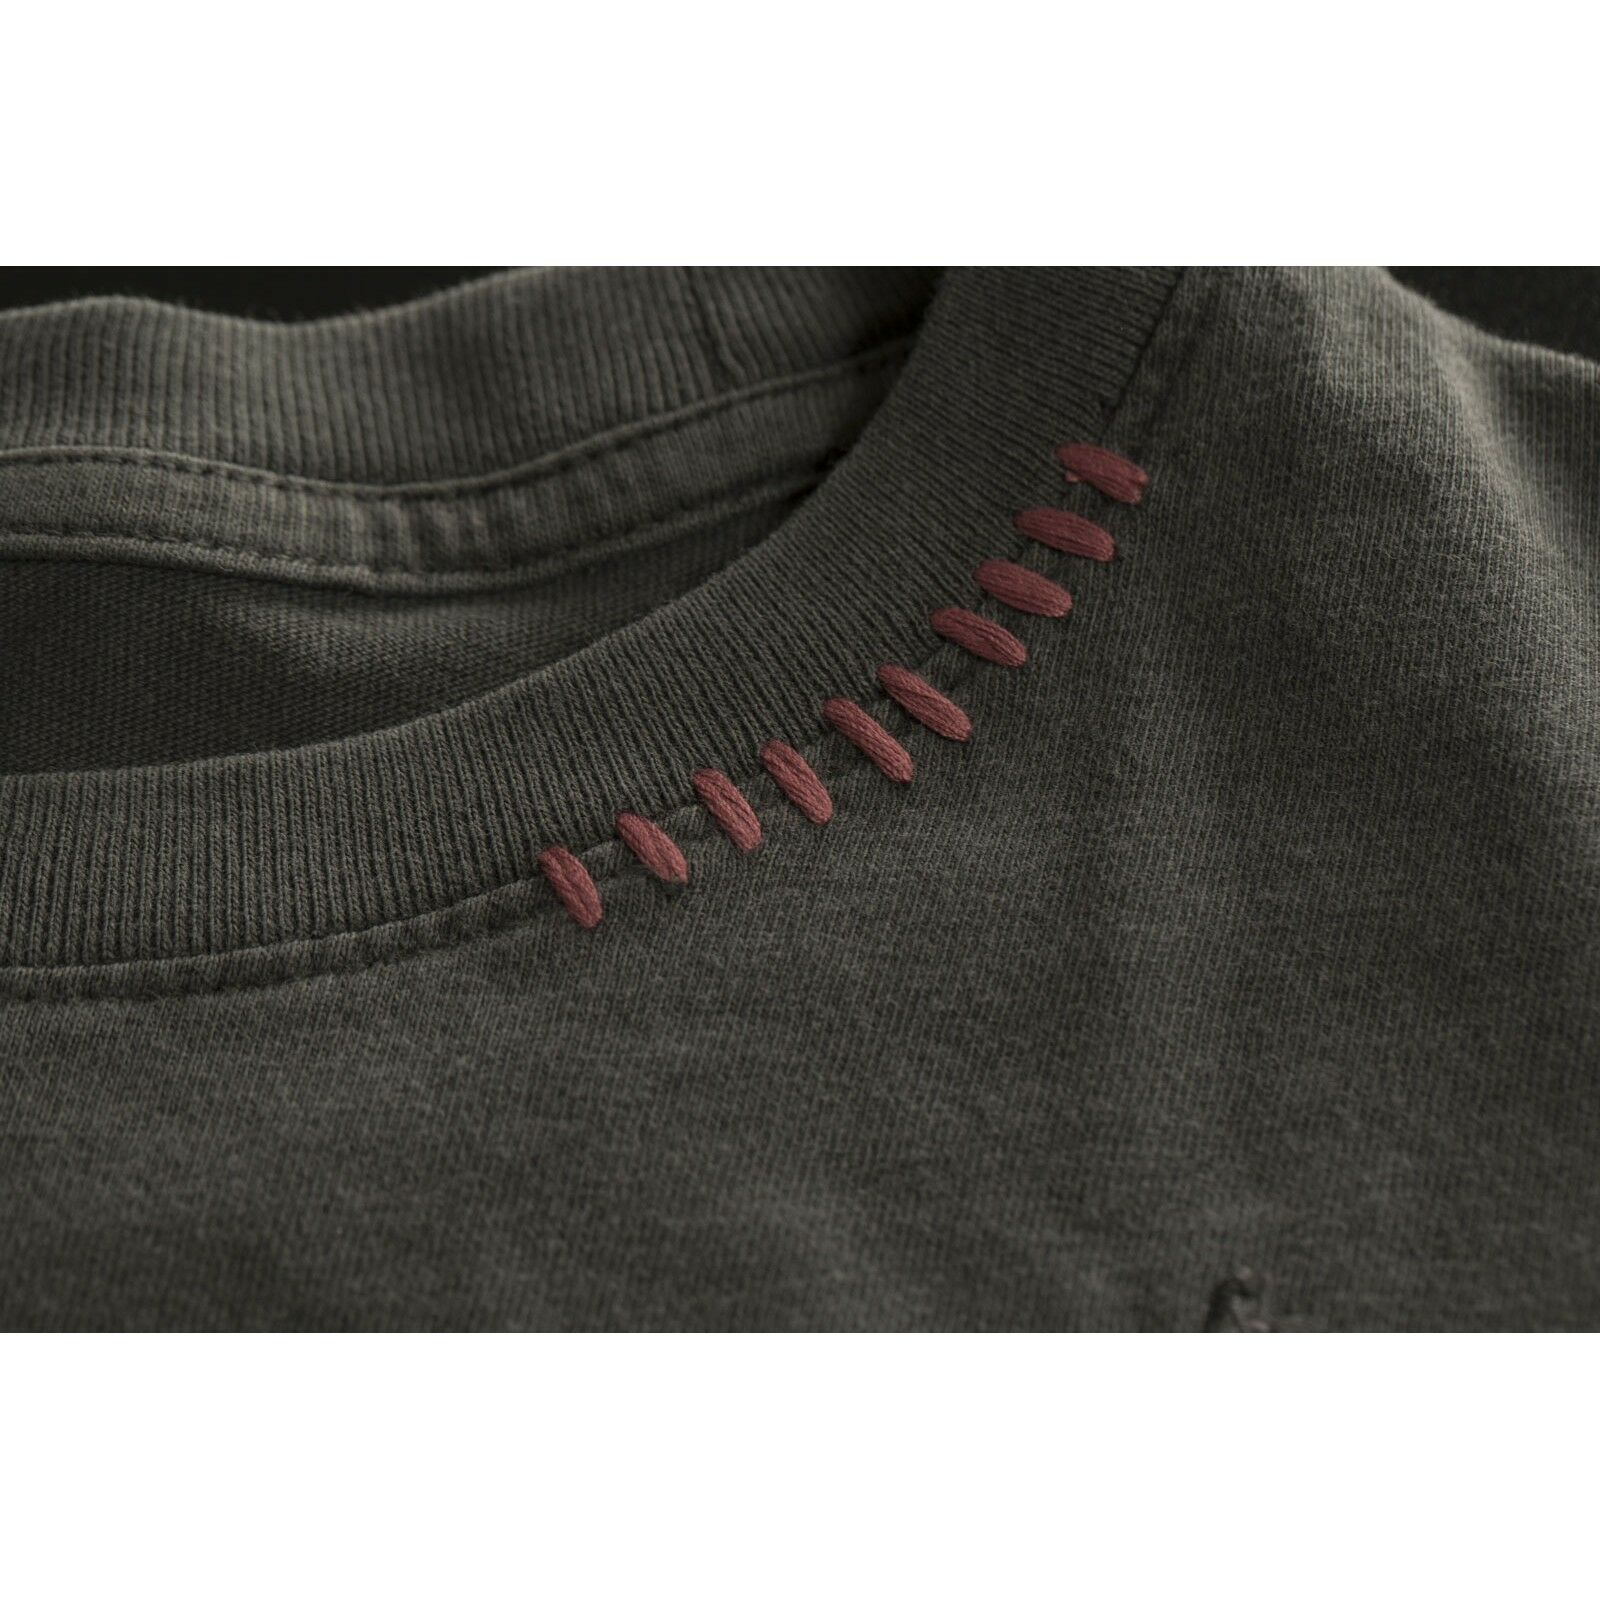 Affliction Affliction Affliction T-SHIRT THE BEACH Grigio T-shirts a6ac4a